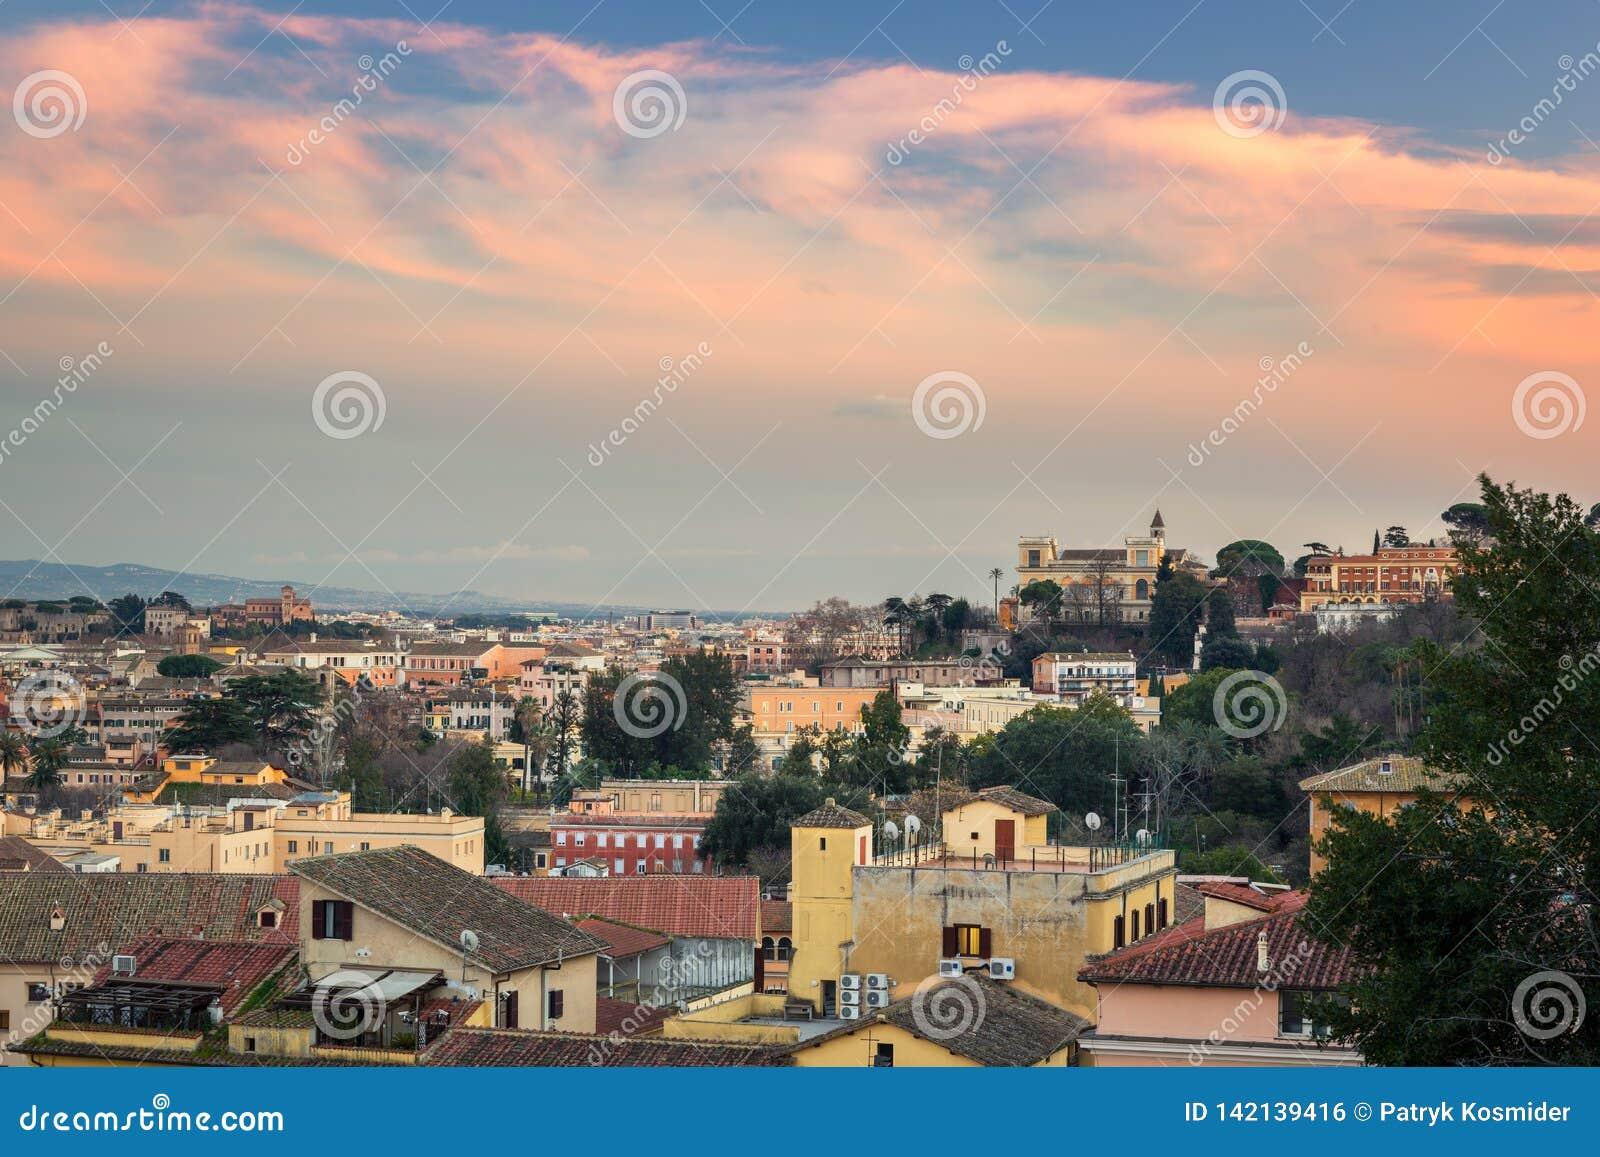 Panorama von Rom-Stadt bei Sonnenuntergang mit schöner Architektur, Italien